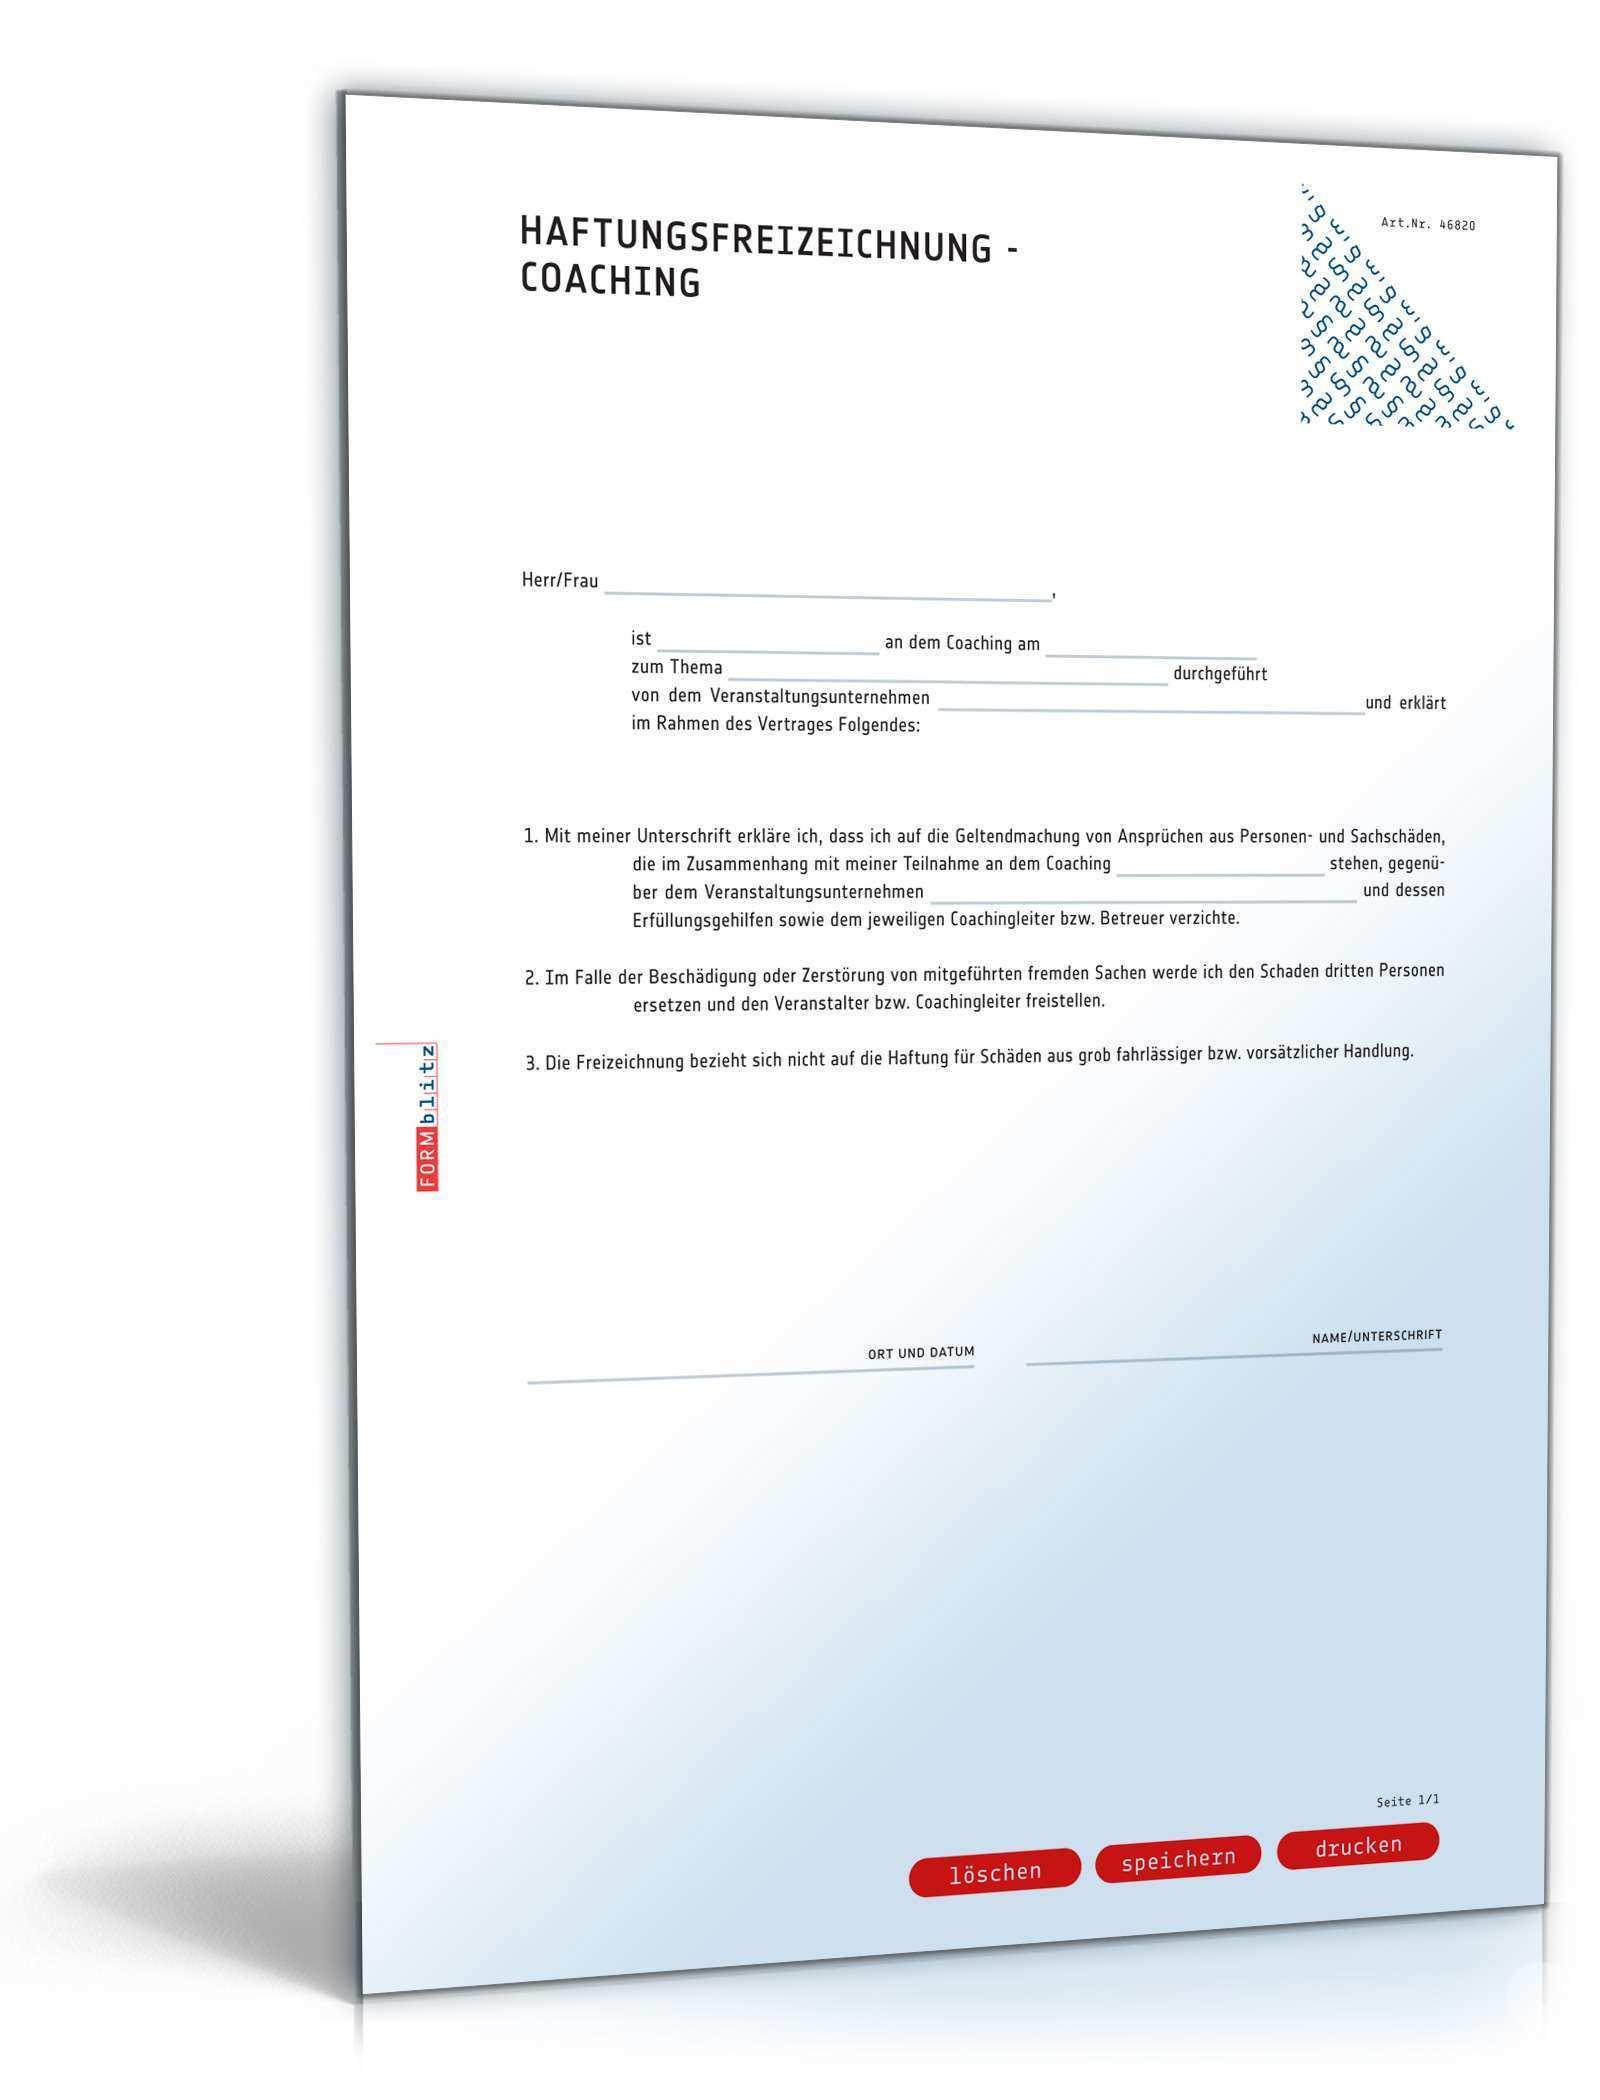 Haftungsfreizeichnung Coaching Muster Zum Download